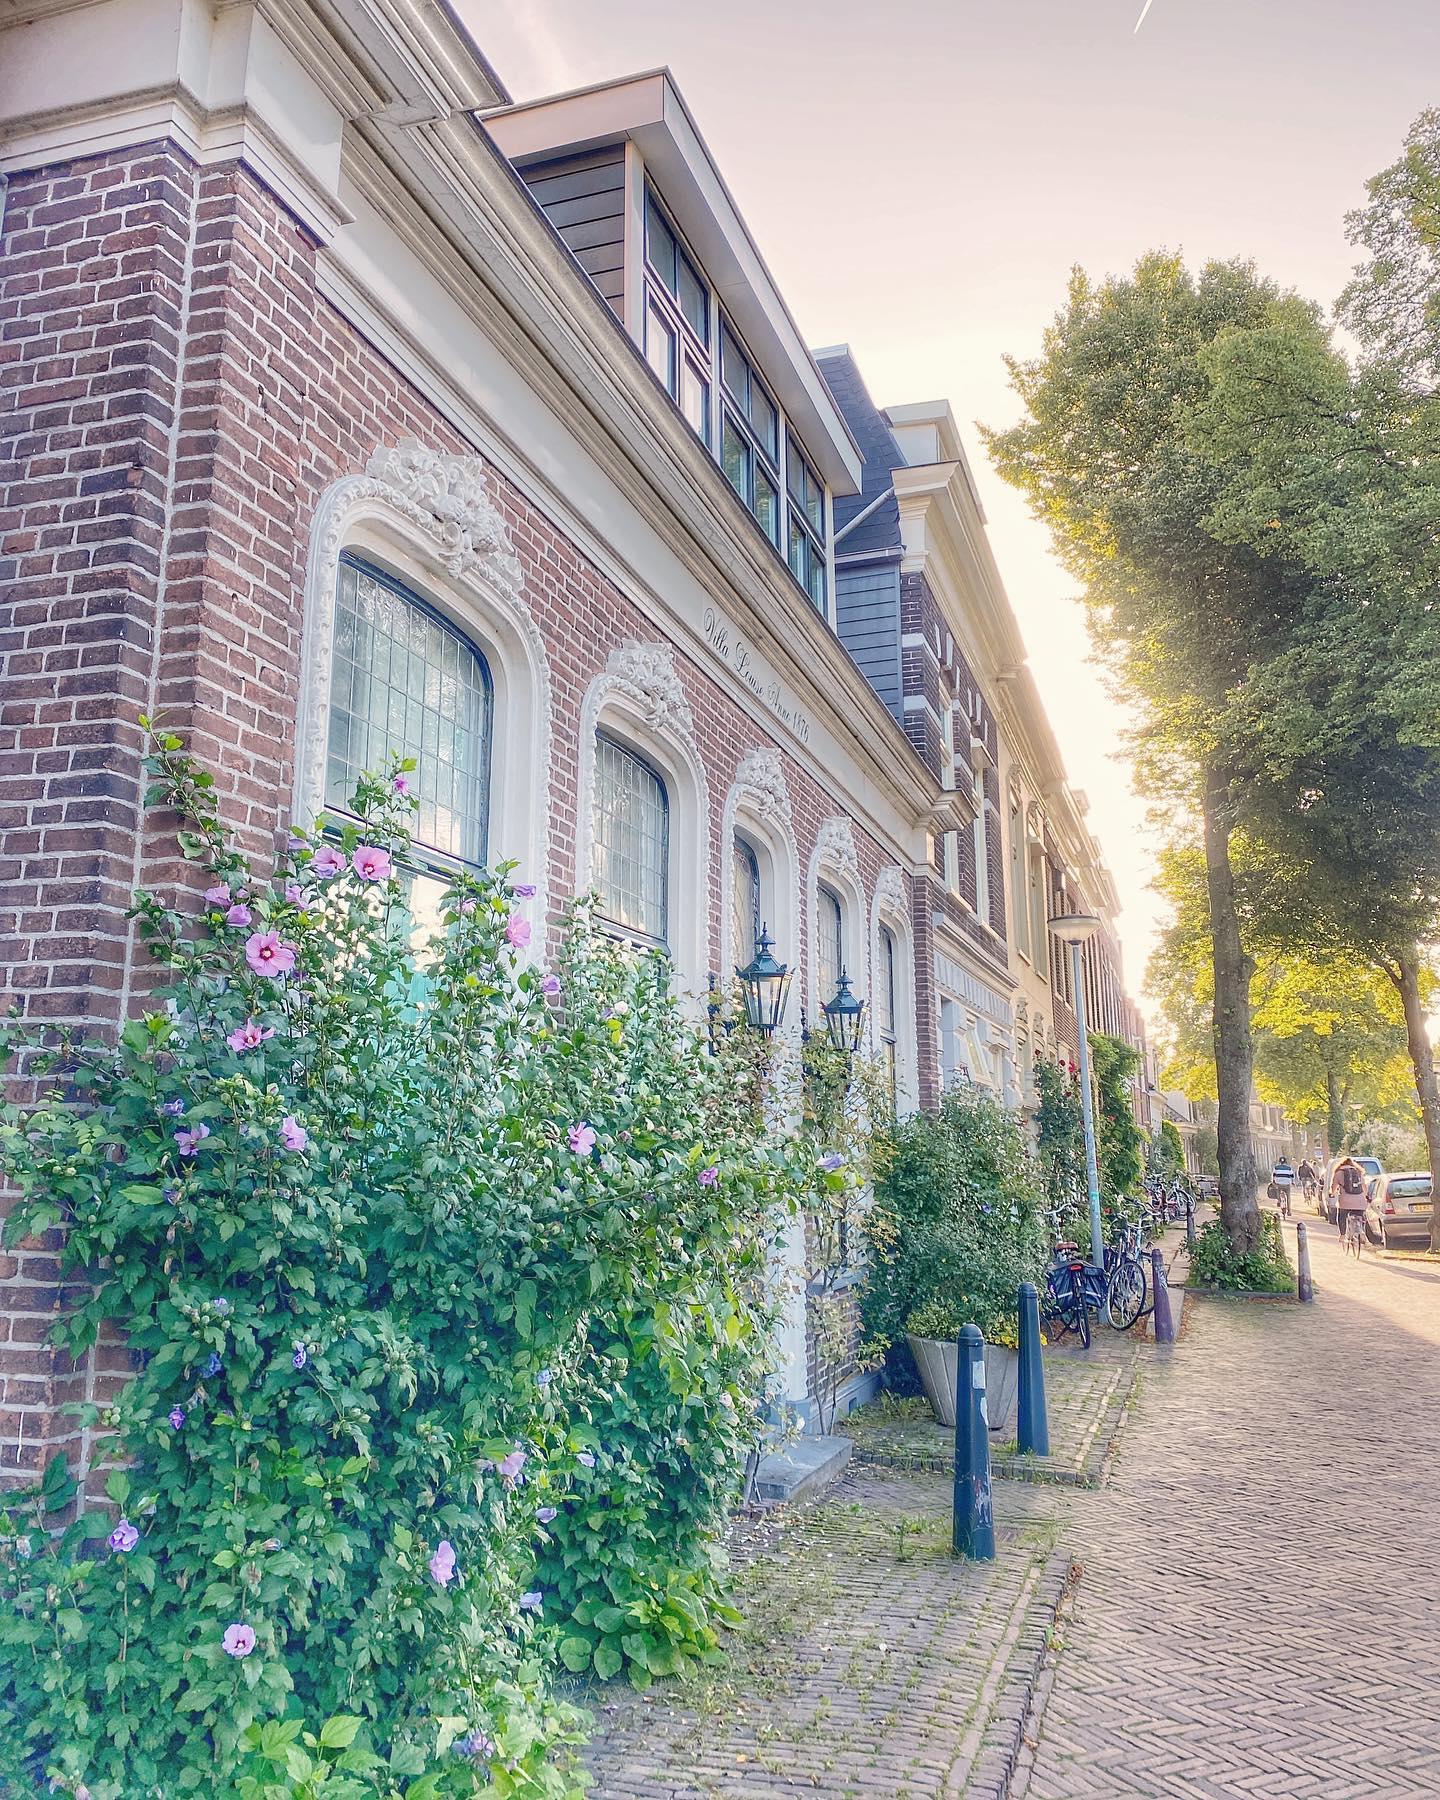 Typische Häusschen in den Niederlanden ☺️…